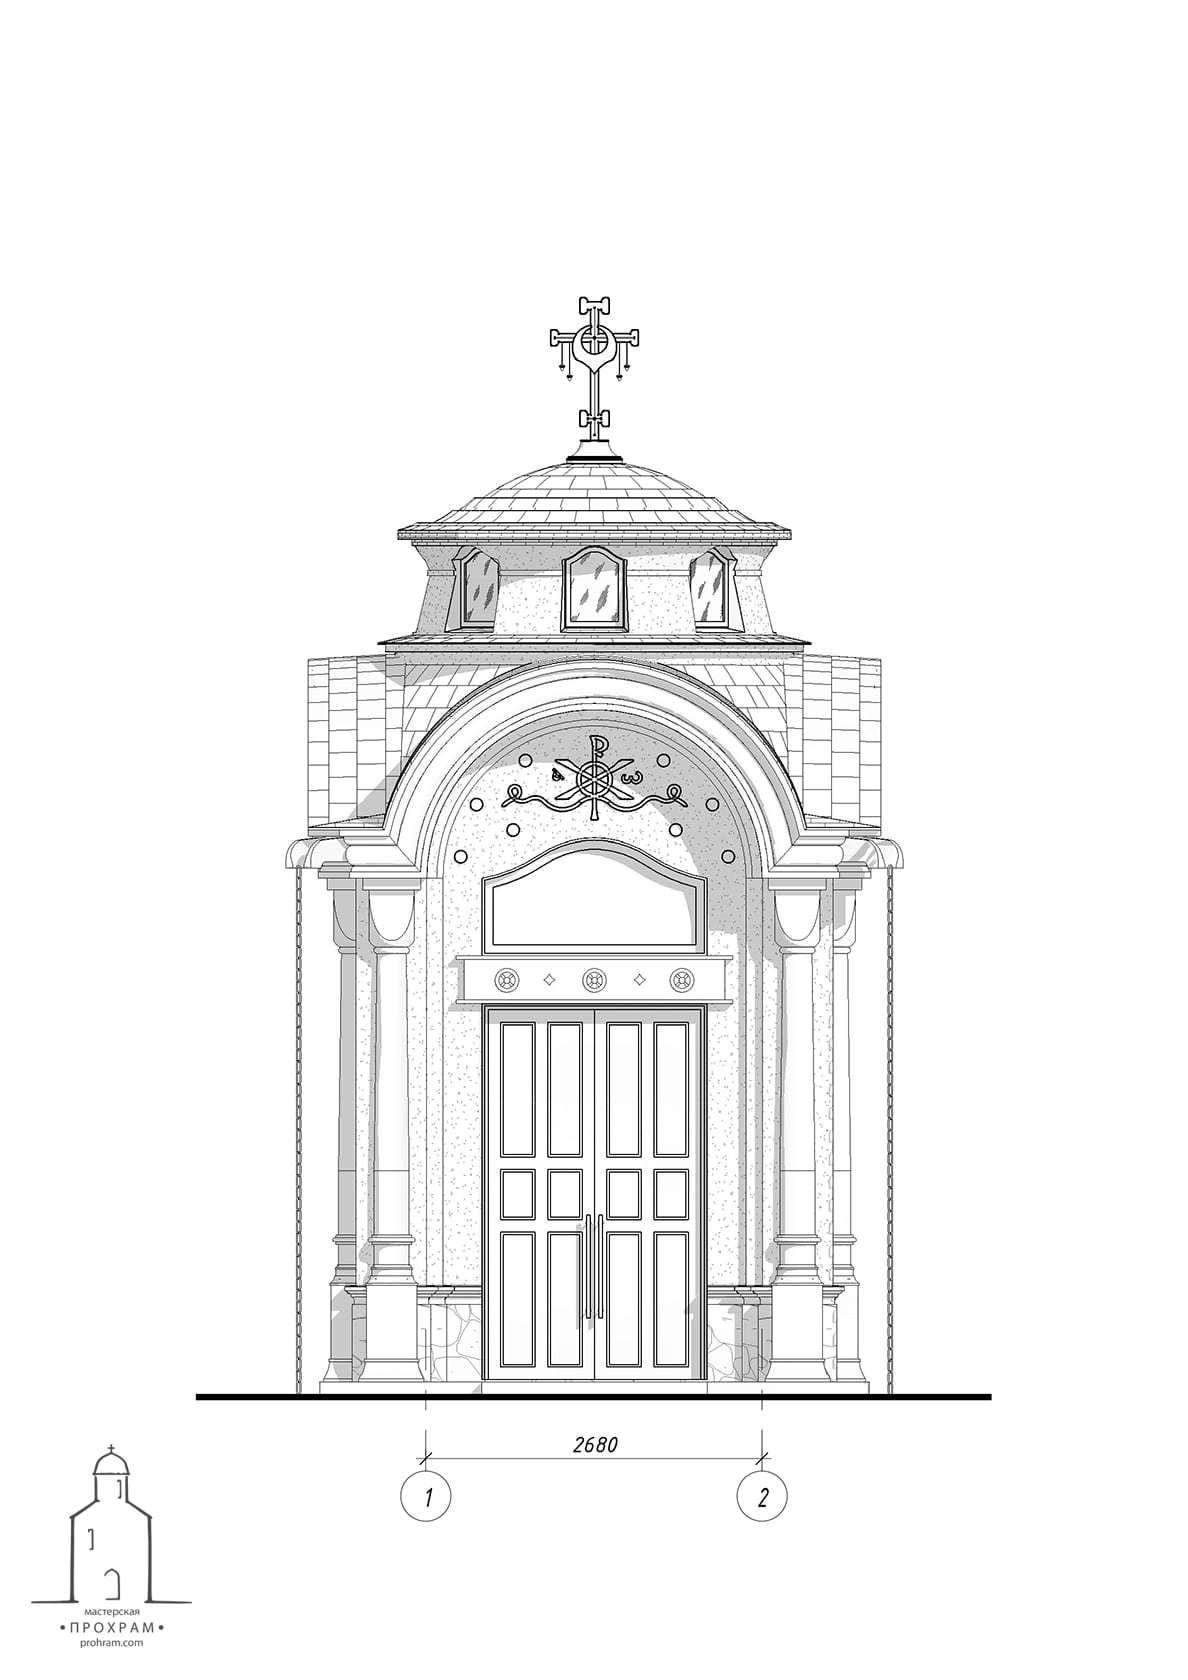 часовня в Минске, чертежи, проект часовни, проектирование православных храмов, храмовая архитектура